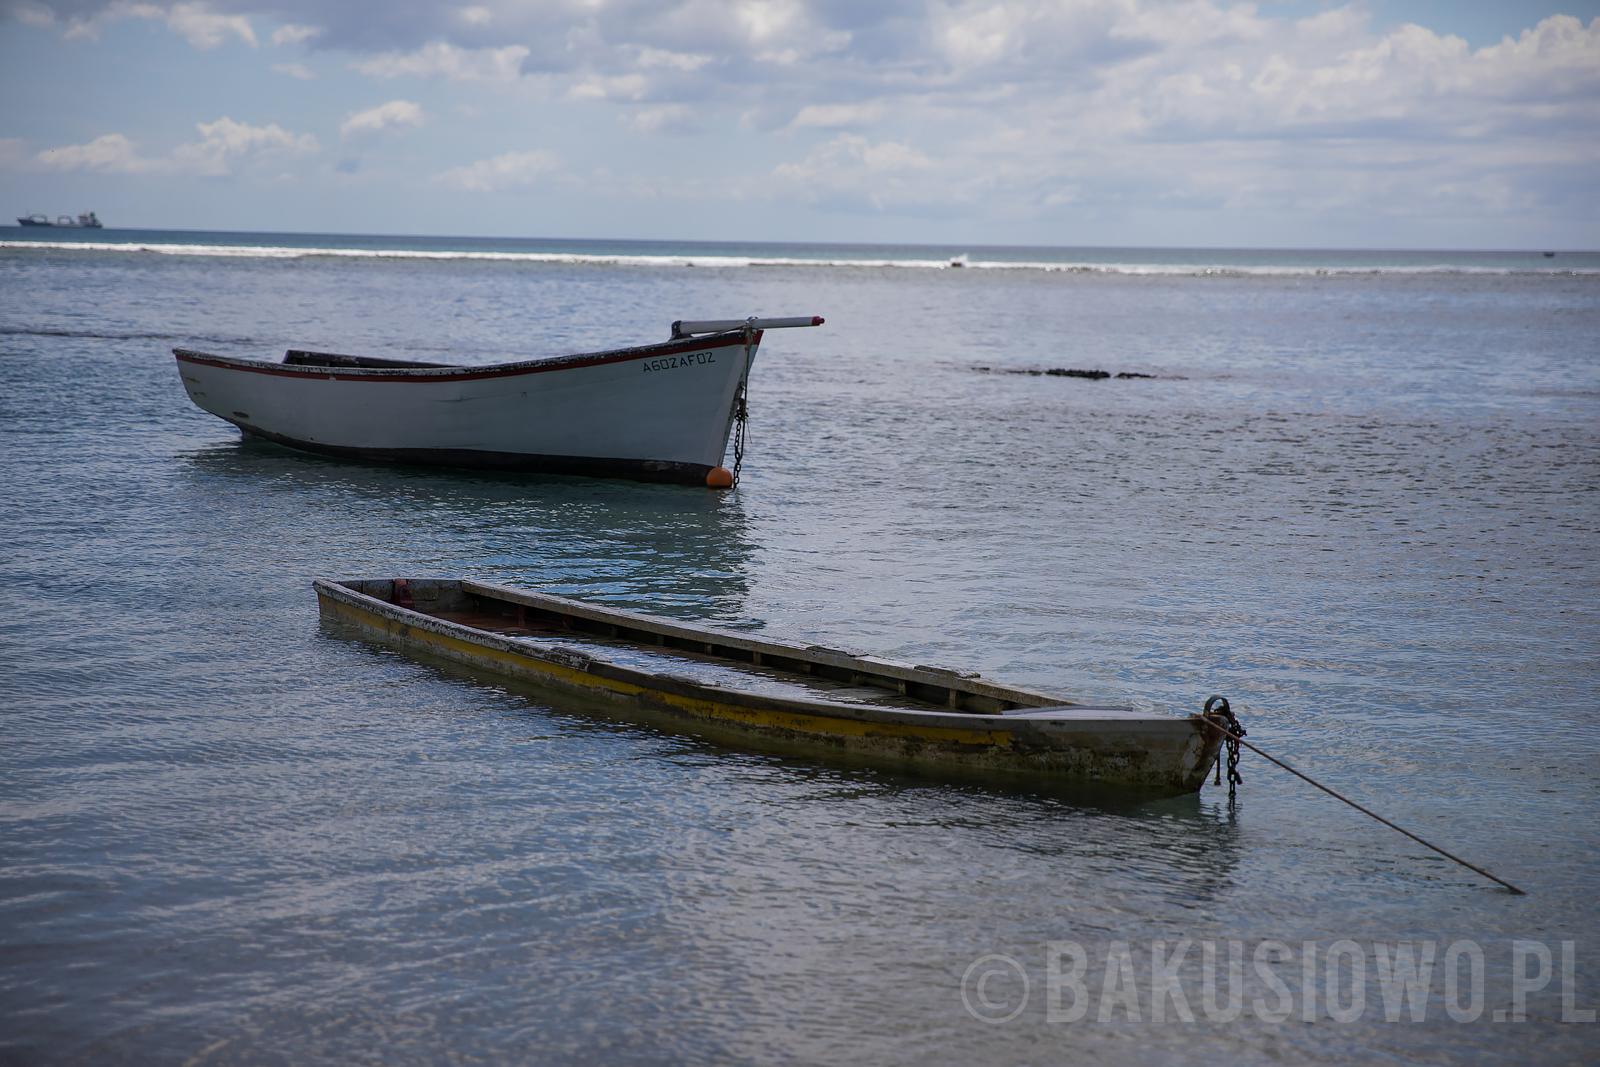 mauritius-le-meridien-photos-87